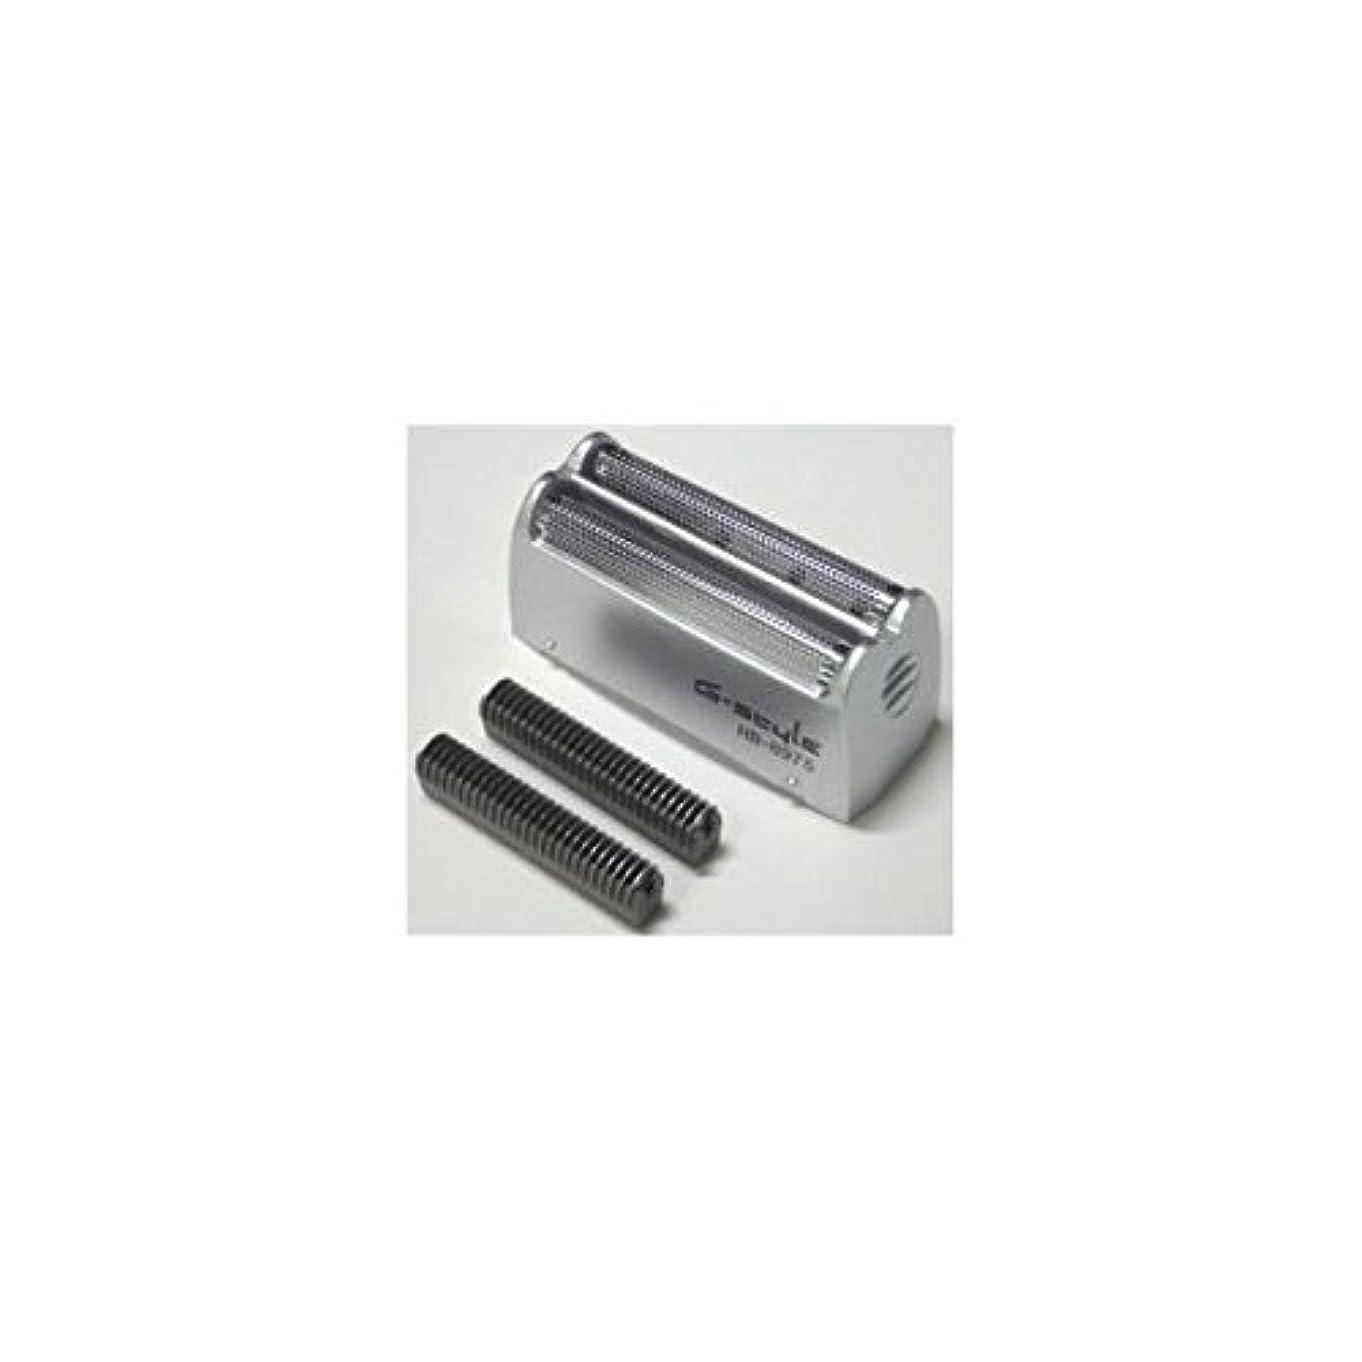 ステップに対応する集団オーム電機 シェーバー用替え刃セット HB8981